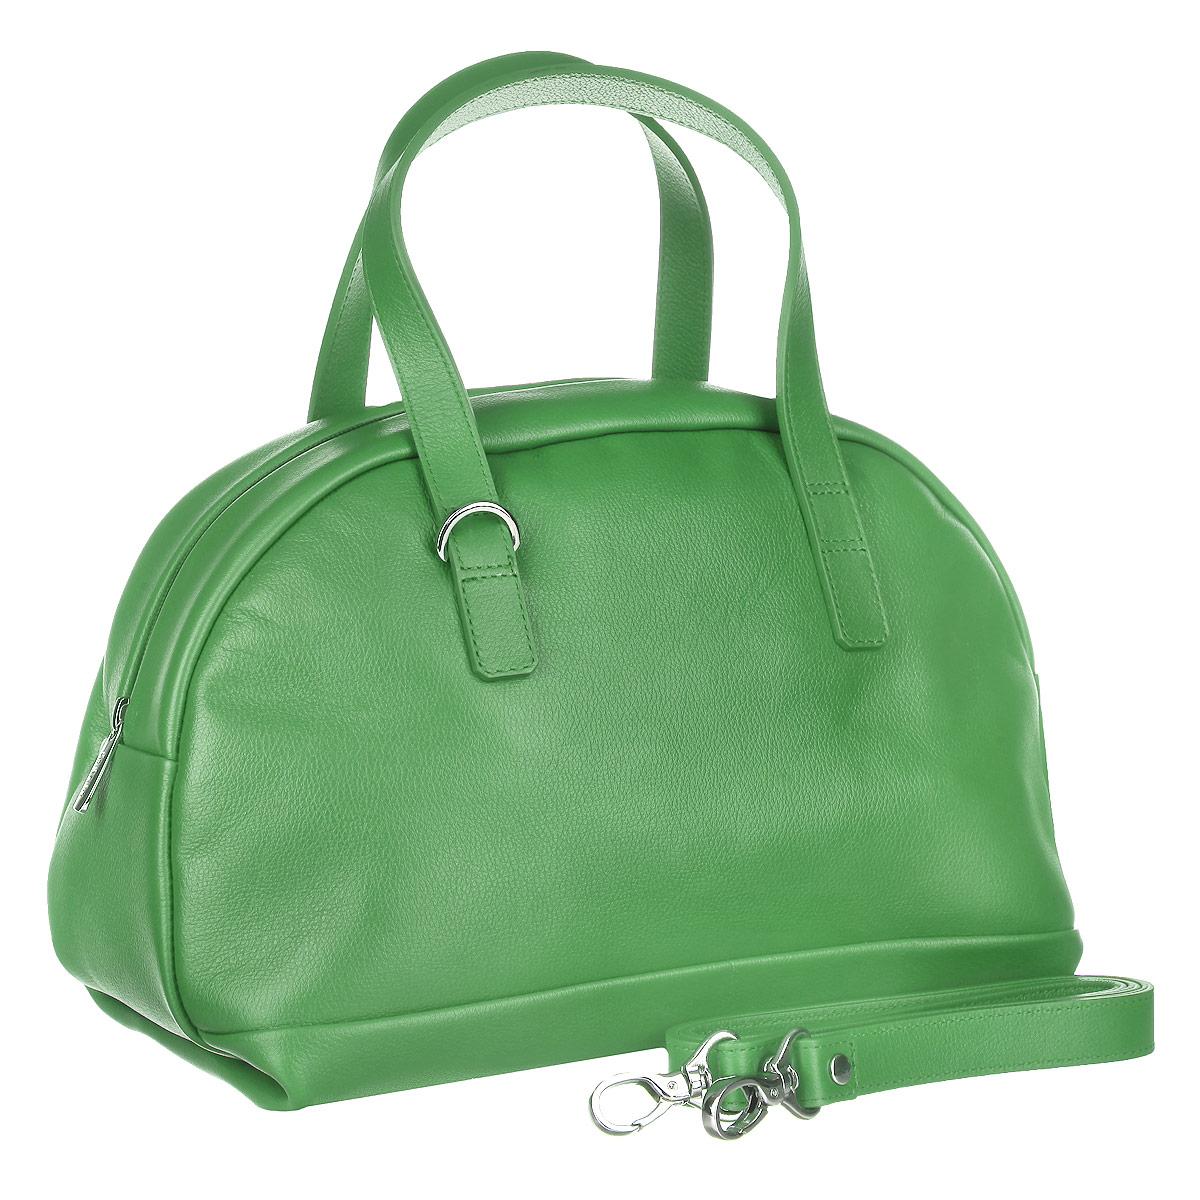 размеру зеленая сумка женская картинки исключения осложнений